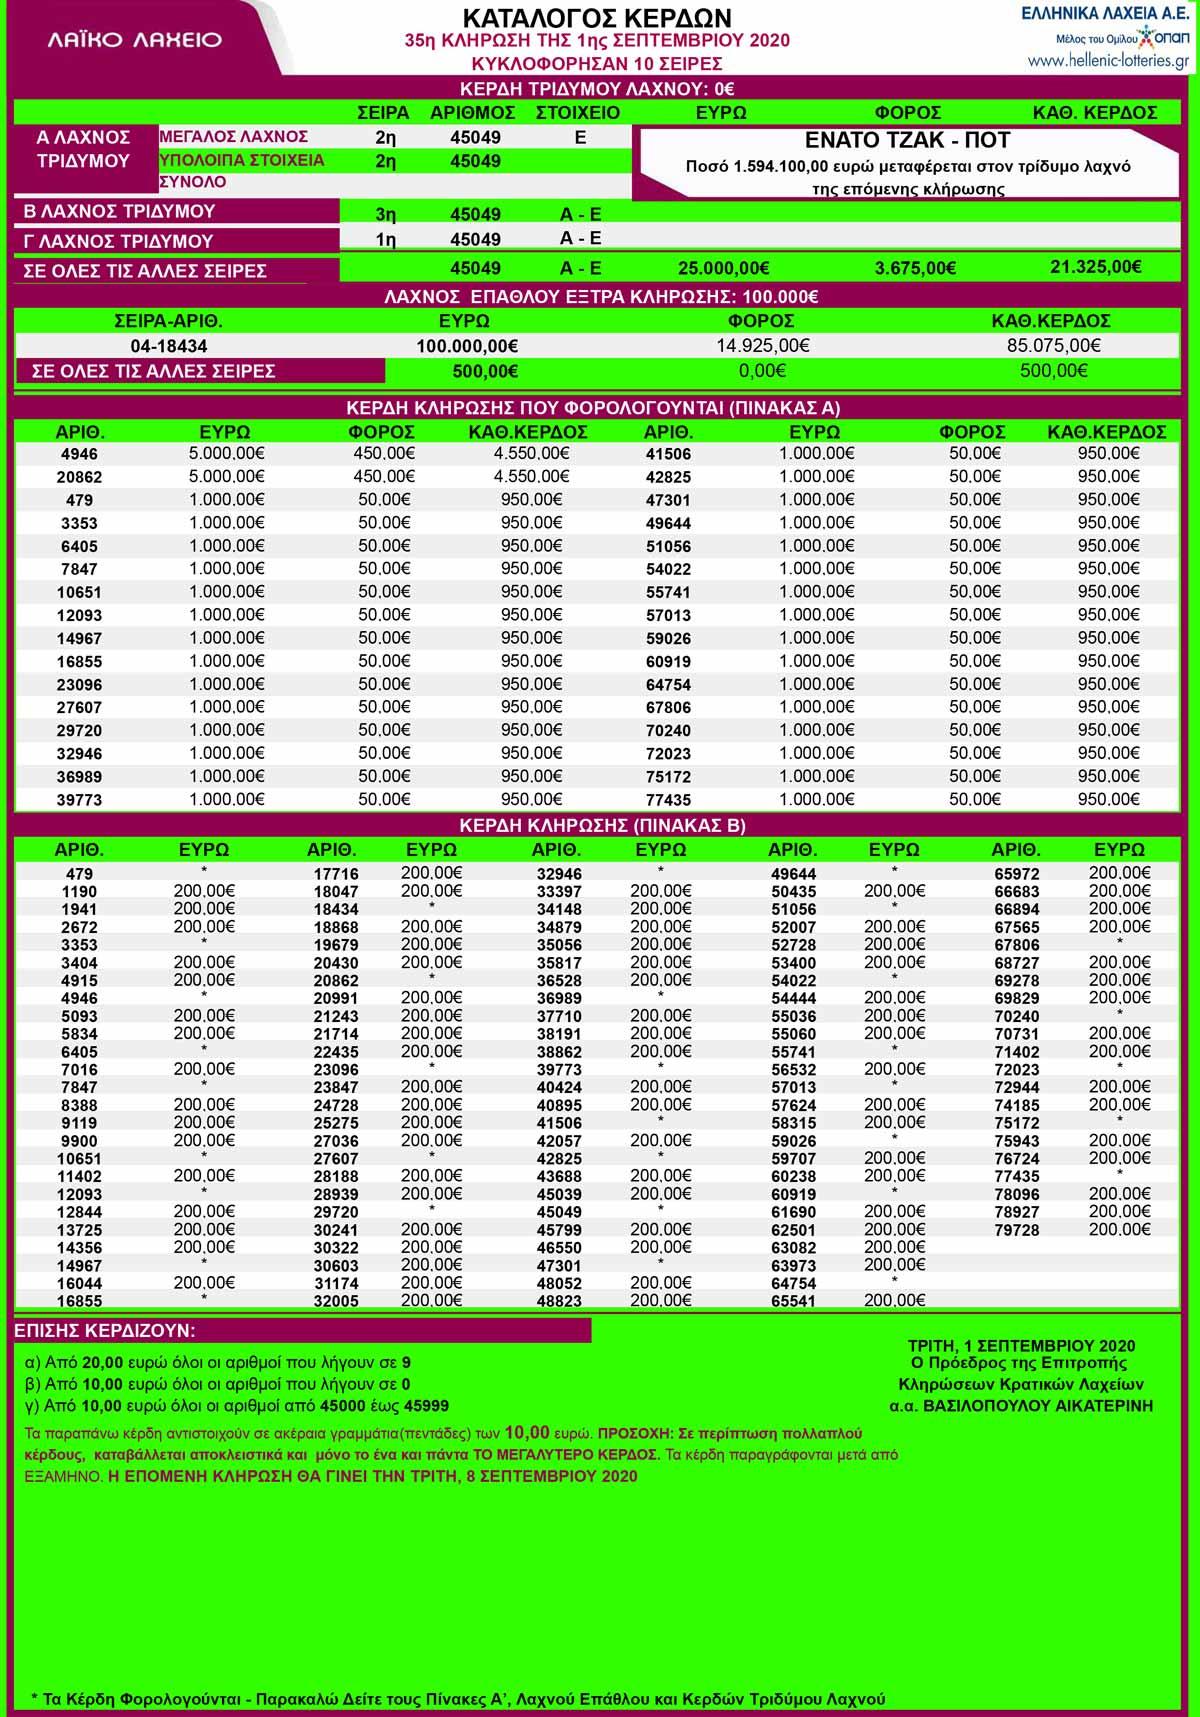 λαικο-01-09-2020-λαικο-λαχειο-κληρωση-35-αποτελεσματα